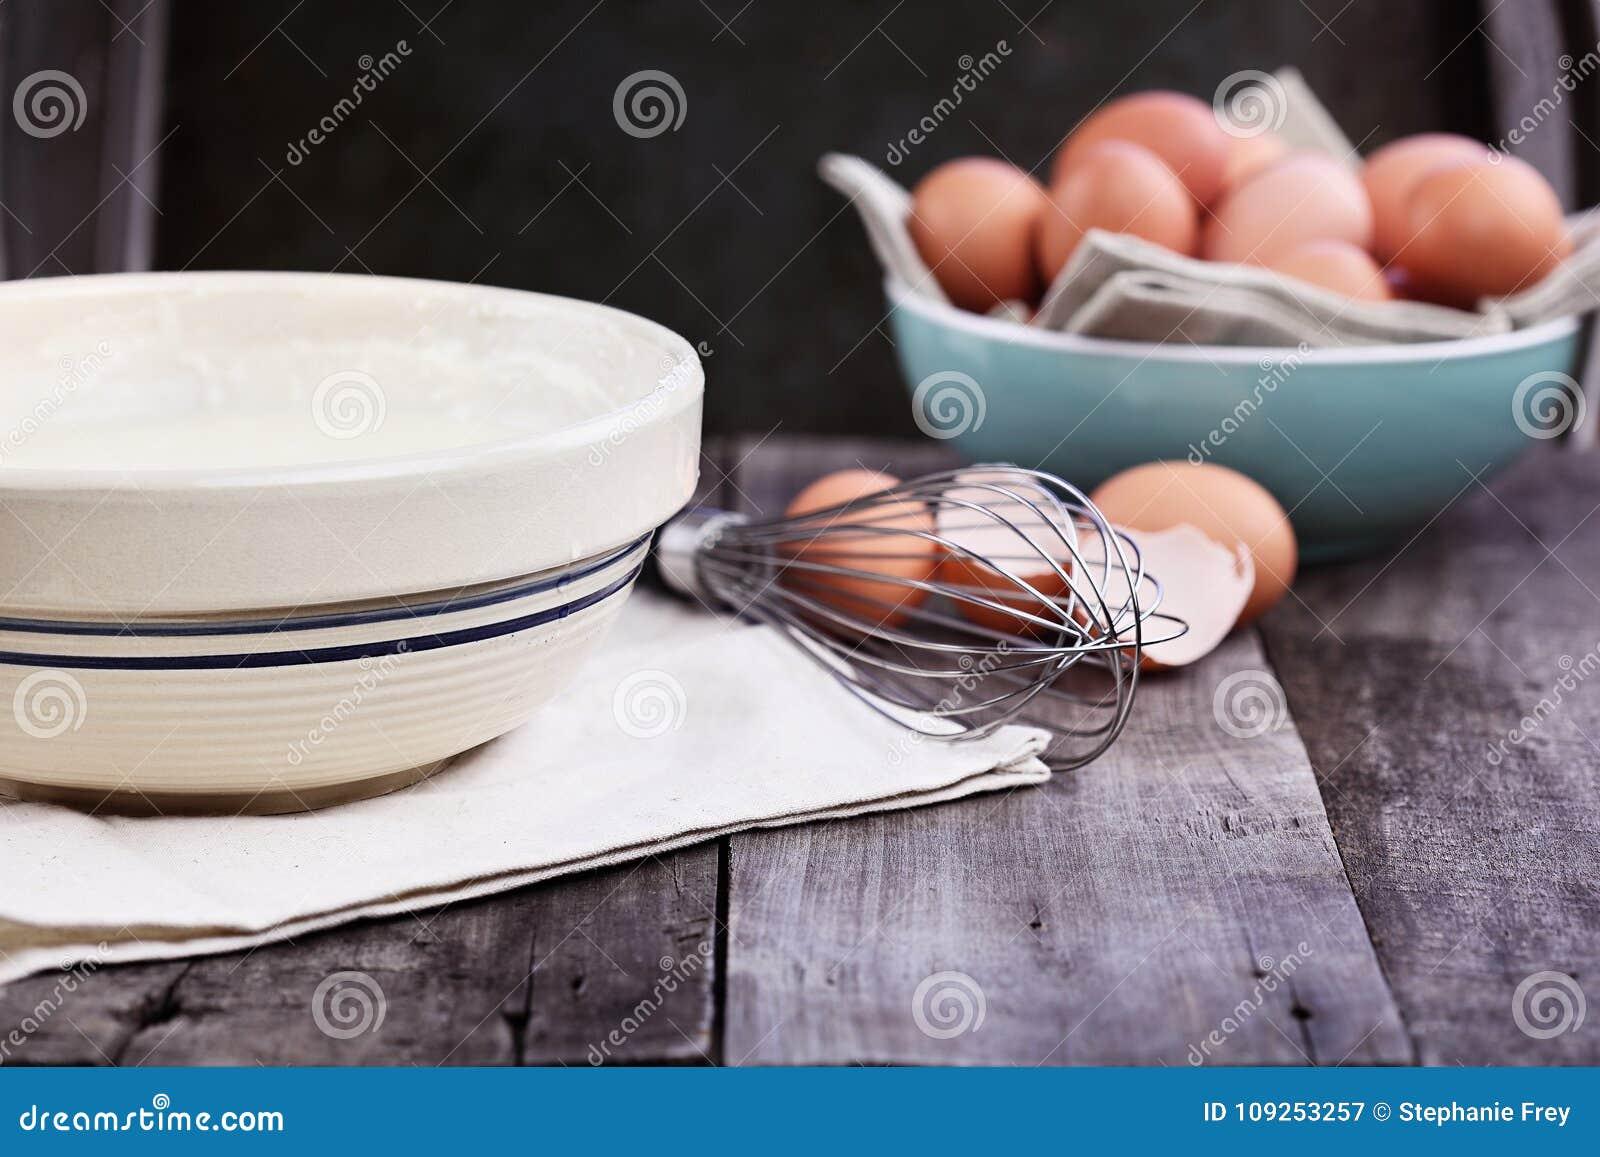 Pancake Batter Whisk and Fresh Eggs